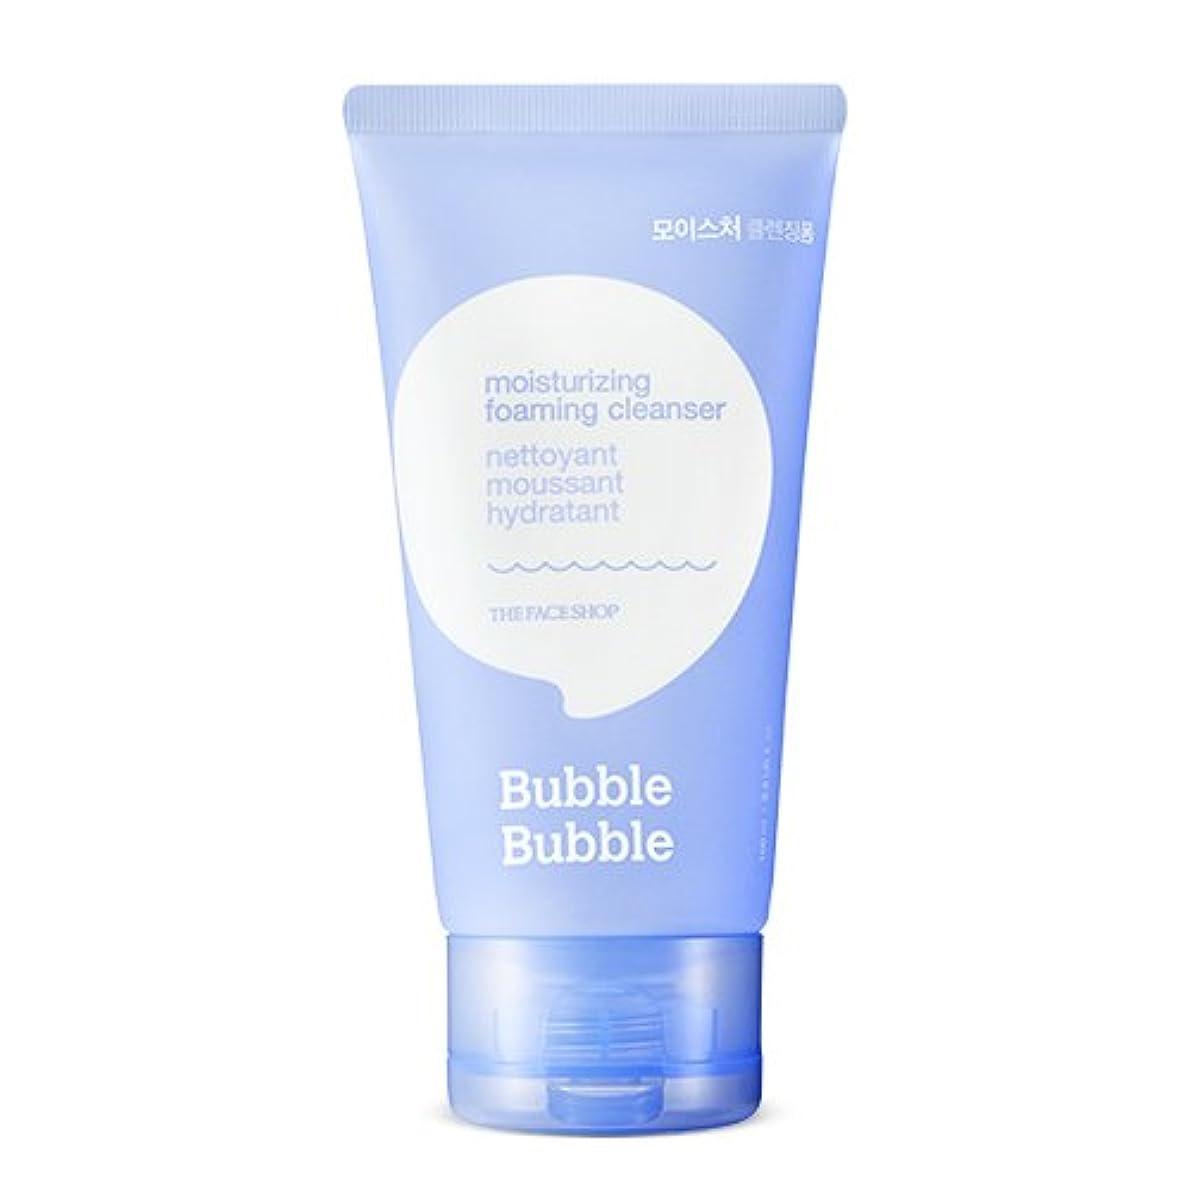 ペナルティベール触覚THE FACE SHOP Bubble Bubble Foaming Cleanser 100ml/ザフェイスショップ バブル バブル フォーミング クレンザー 100ml (#Moisturizing(モイスチャー)) [並行輸入品]